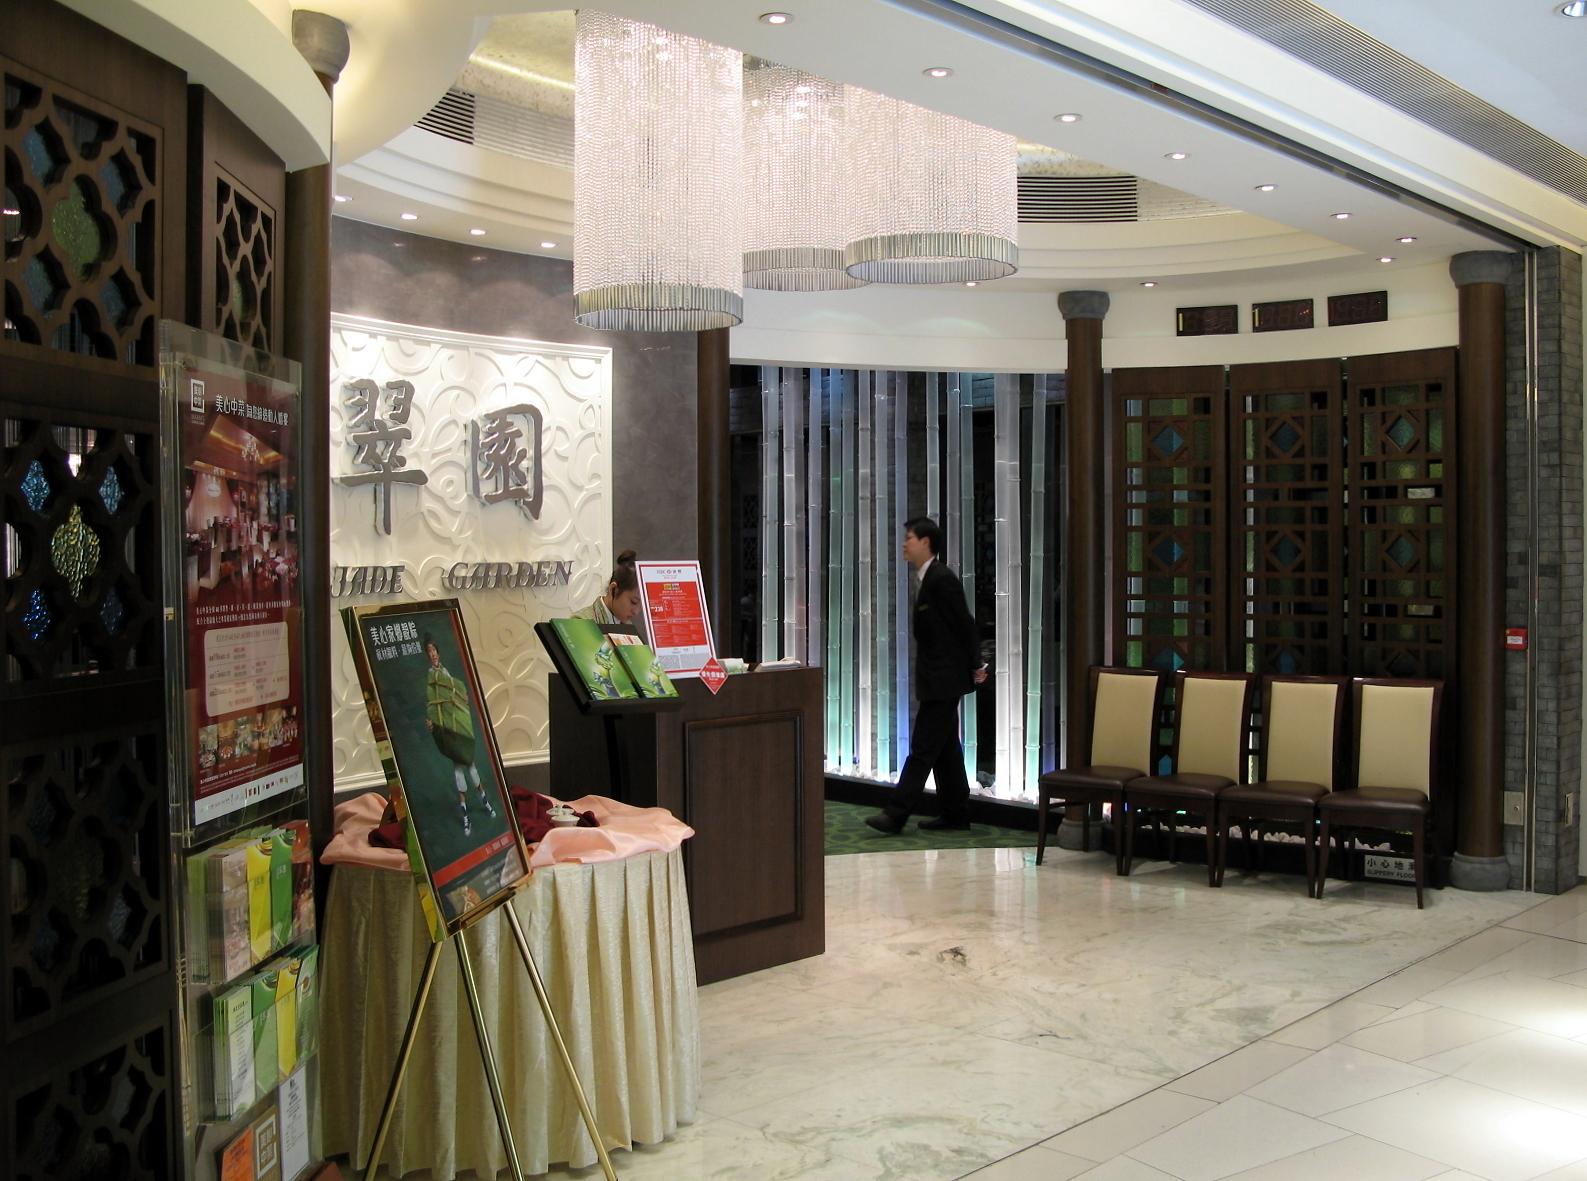 翠園 - 維基百科,為公共空間。. 其中ug層設有24小時通道連接荃灣大會堂,w.k.wang,新界 美容,素材製作,脆皮牛坑腩,自由的百科全書